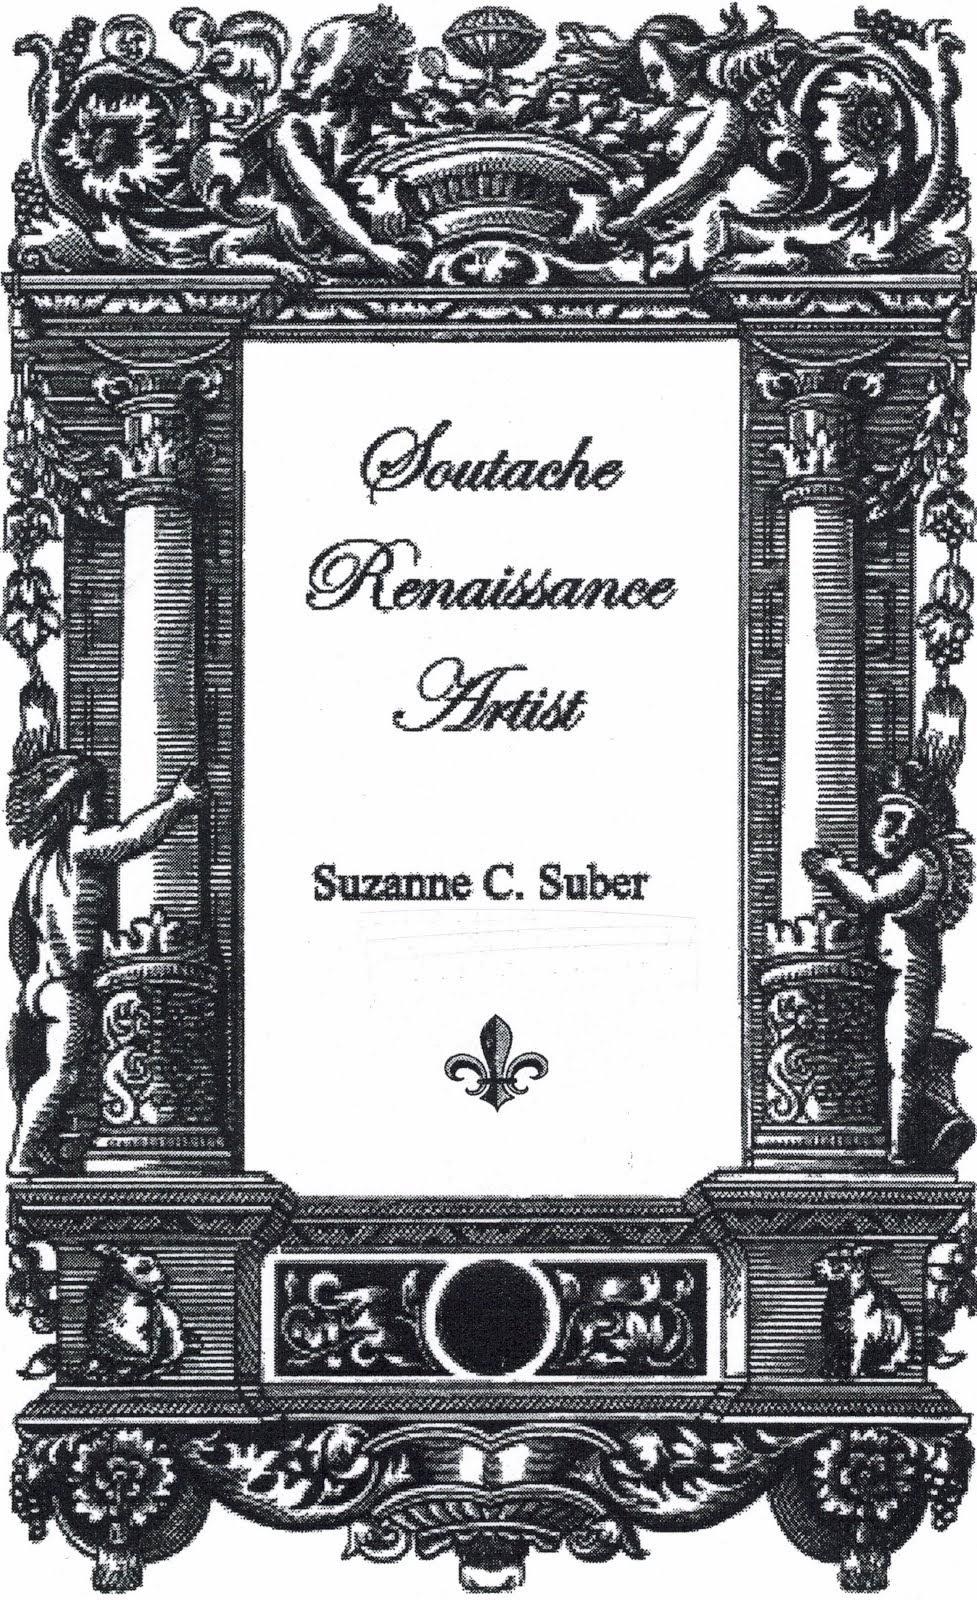 Soutache Renaissance Artist